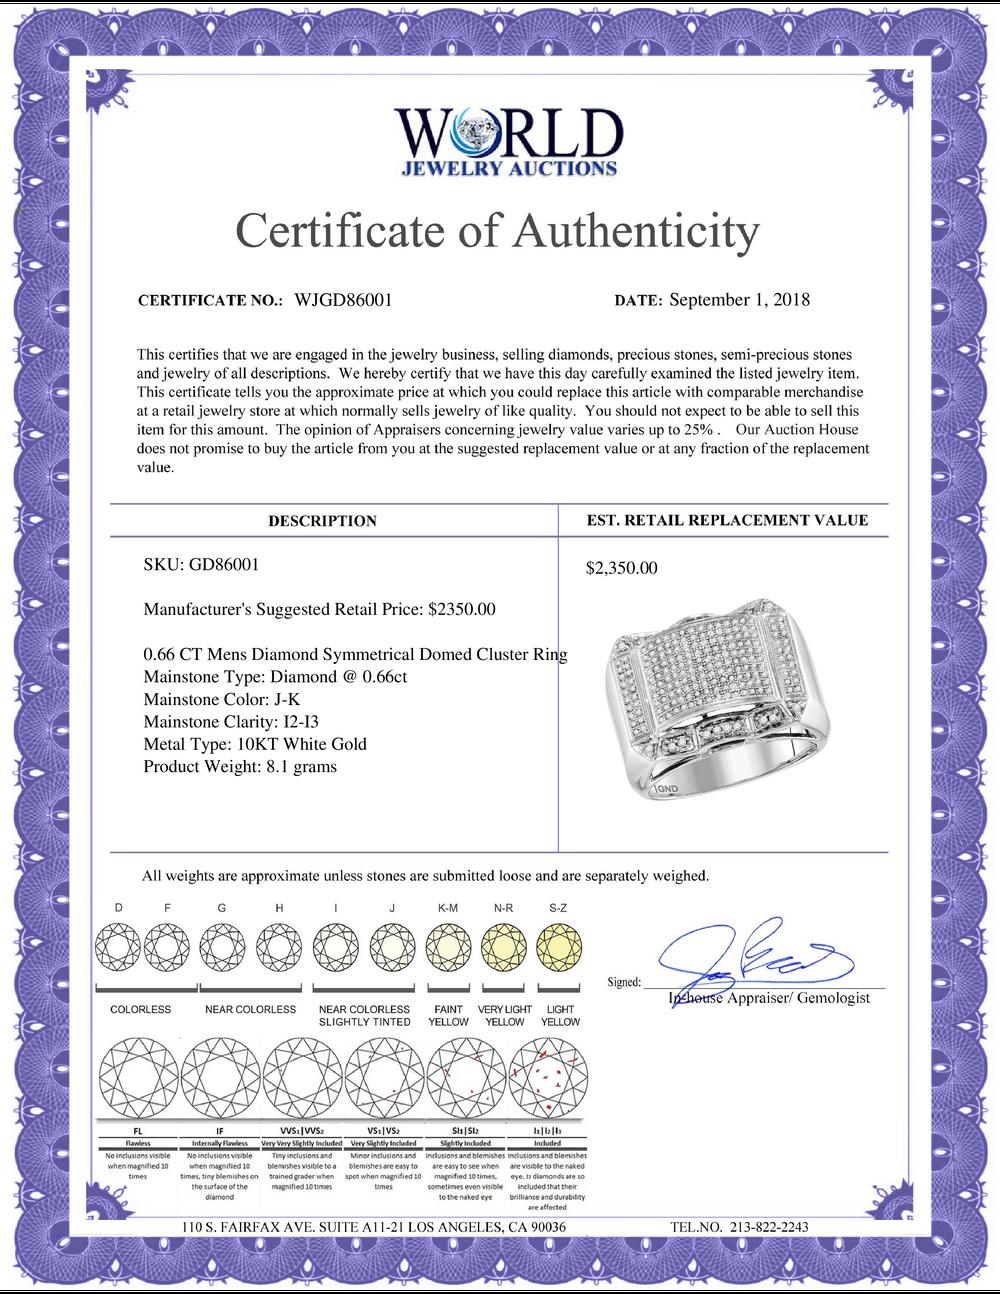 Lot 4163: 0.66 CTW Mens Diamond Symmetrical Domed Cluster Ring 10KT White Gold - REF-59N9F